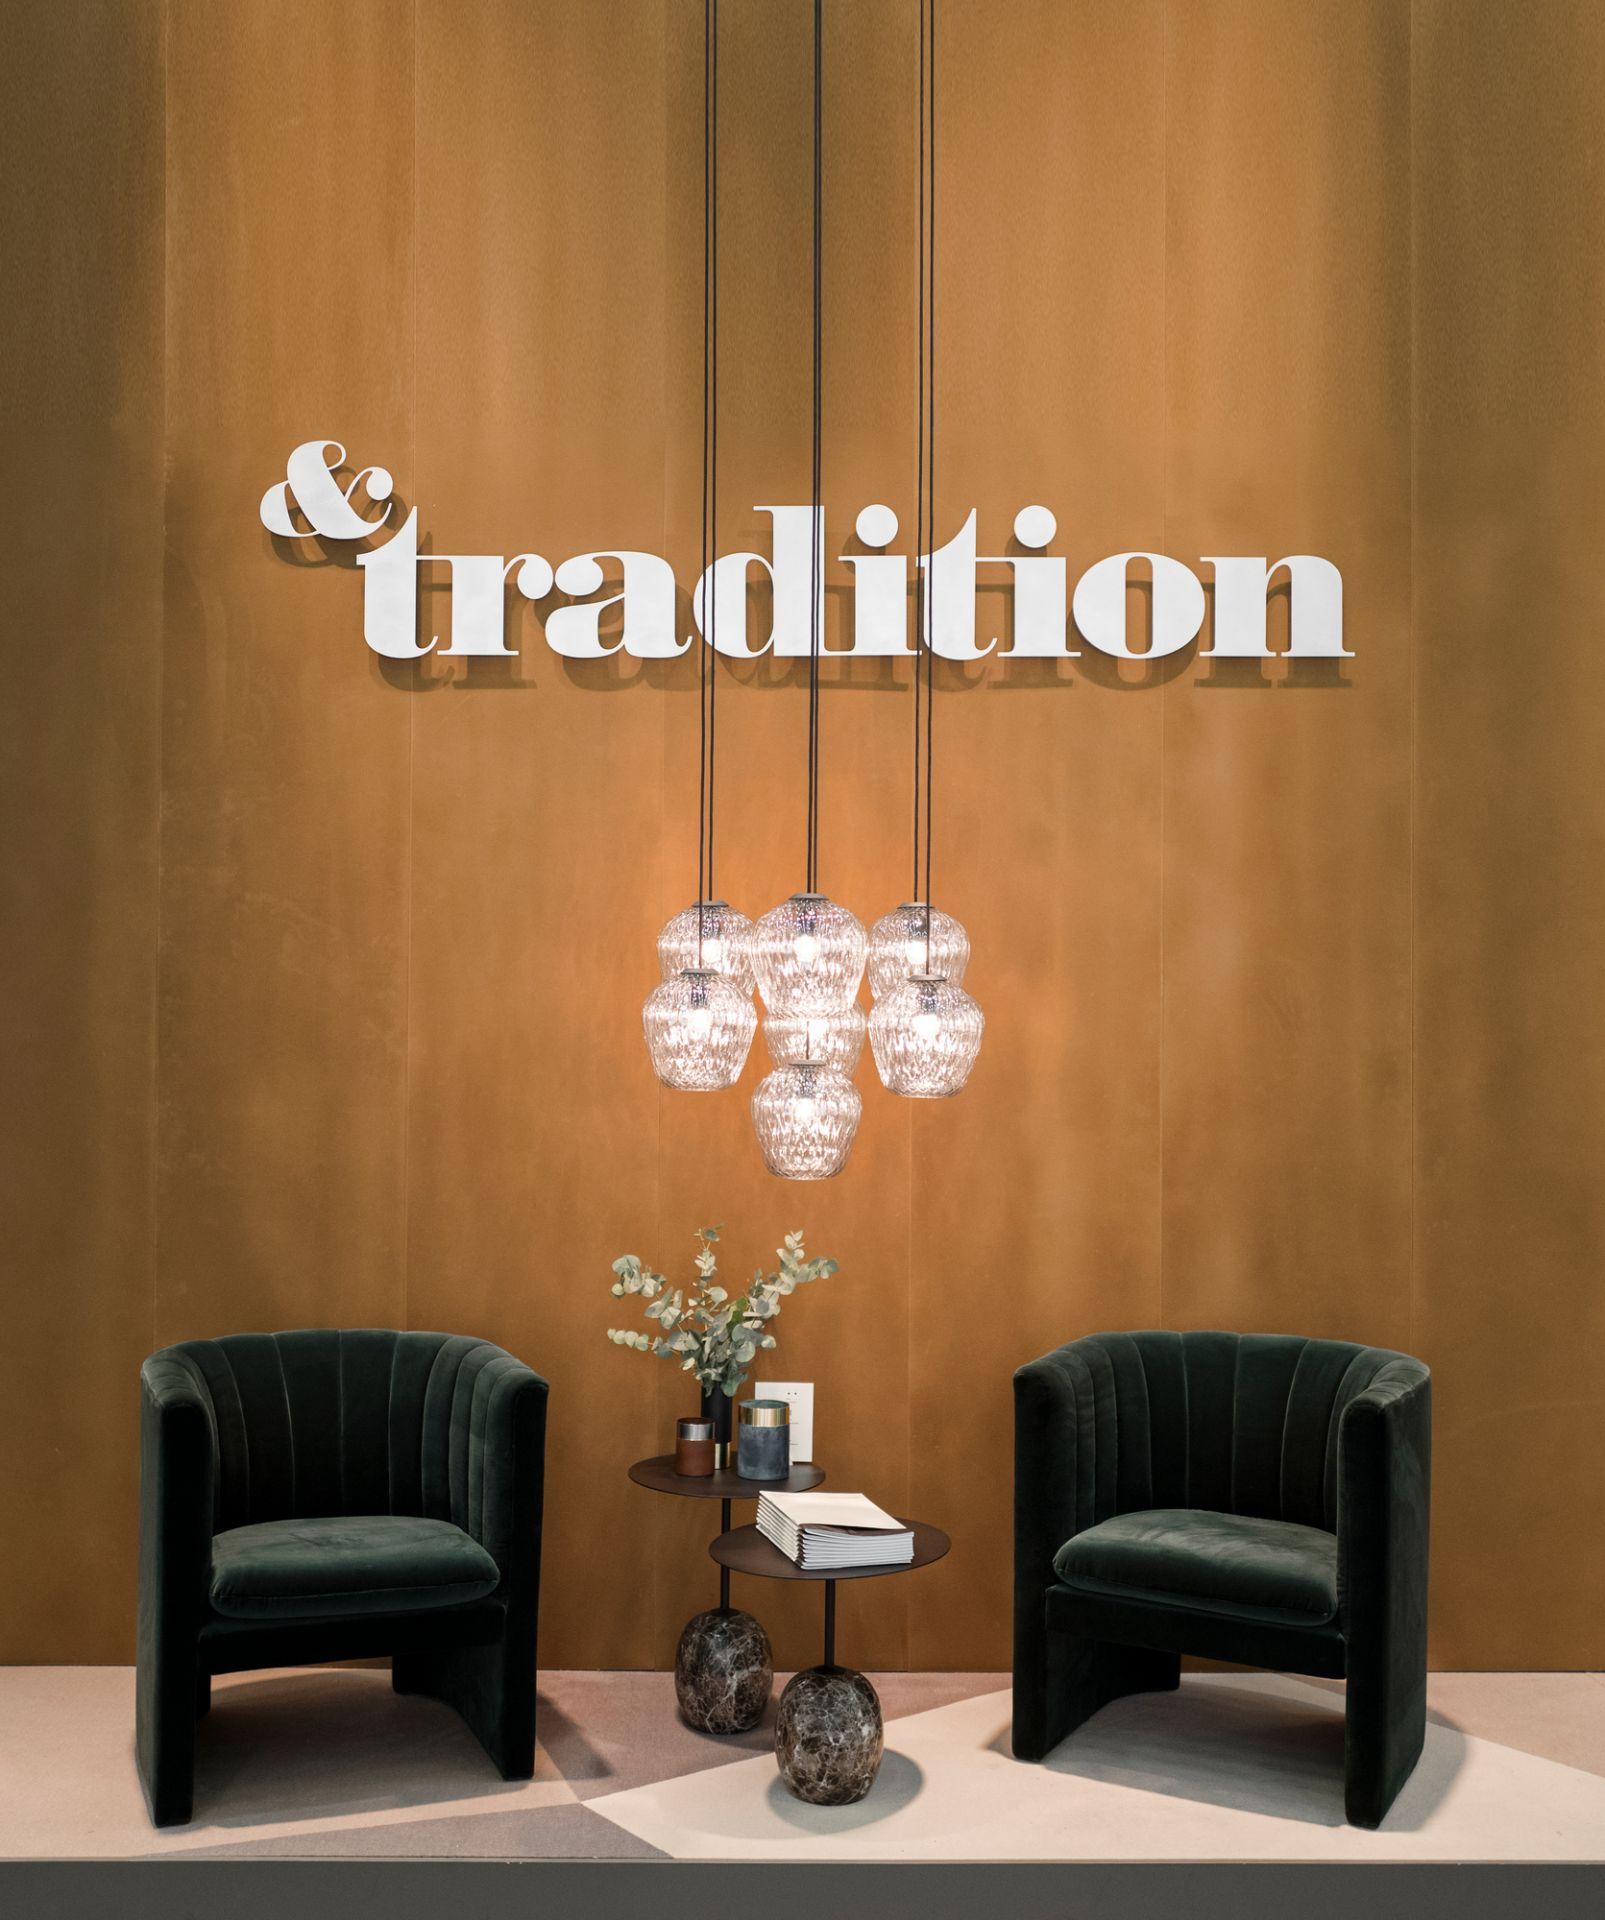 Lato LN8 & LN9 Beistelltisch &Tradition